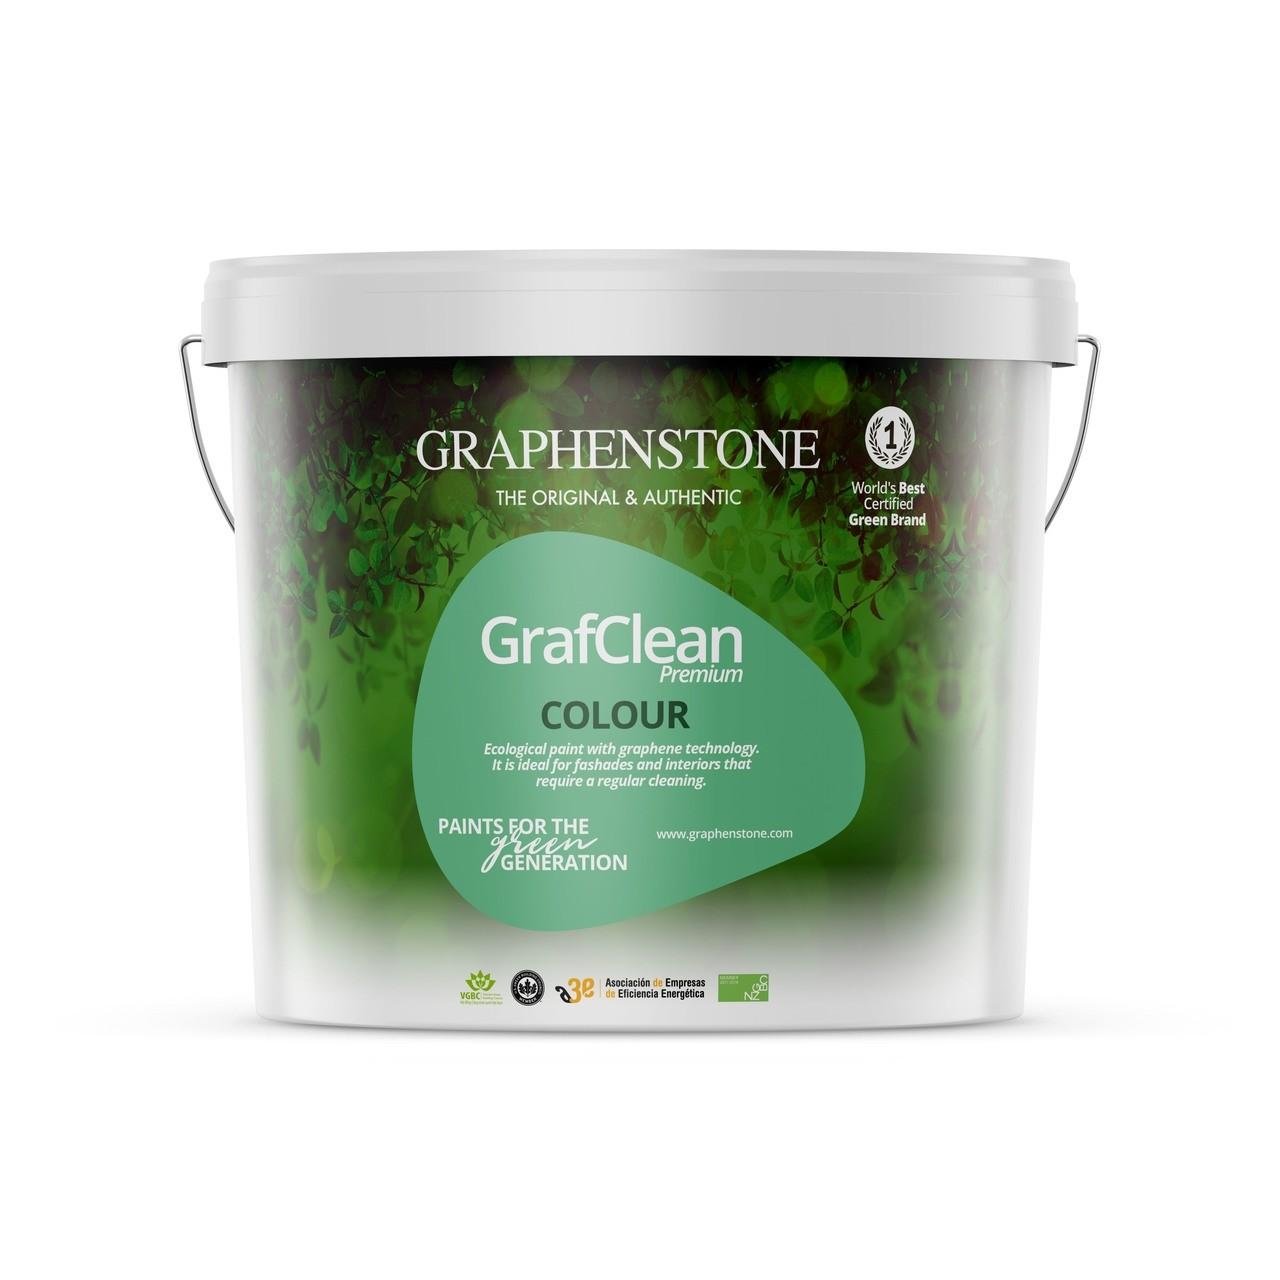 Graphenstone Grafclean Premium - Internal